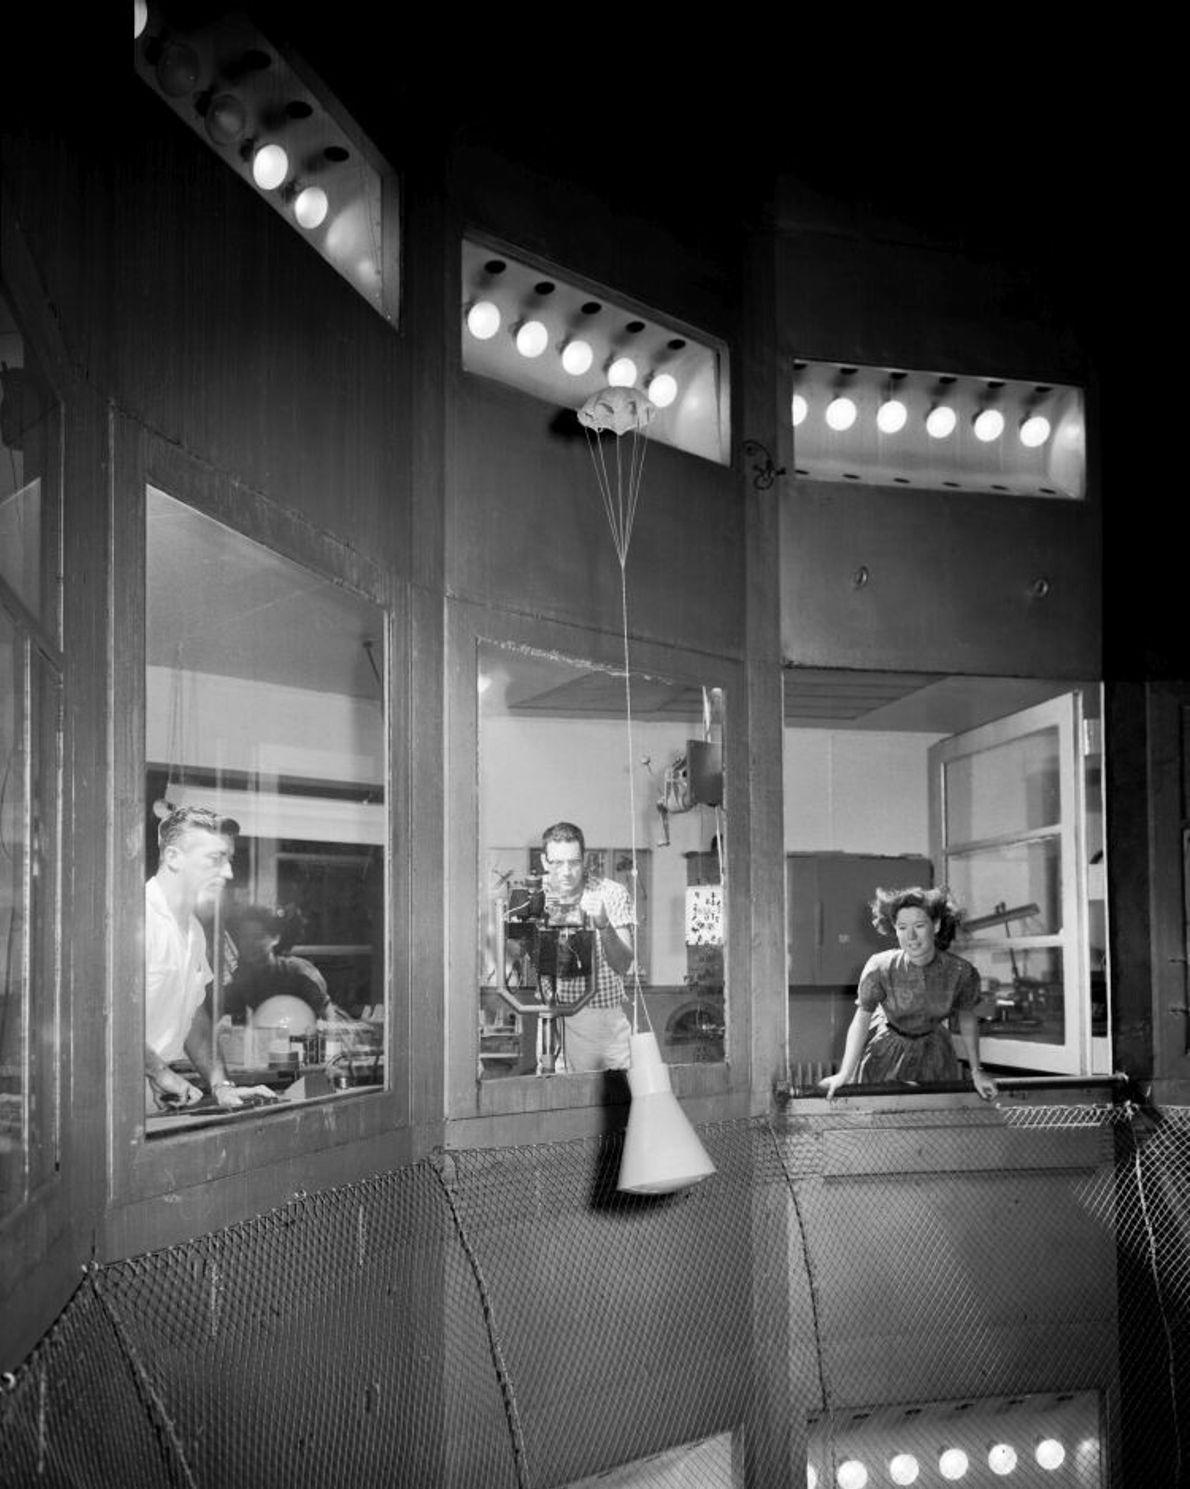 Ein Modell der Mercury-Kapsel im Langley Research Centre Spin Tunnel, 1959. Das Raumfahrzeug trat mit Tausenden ...